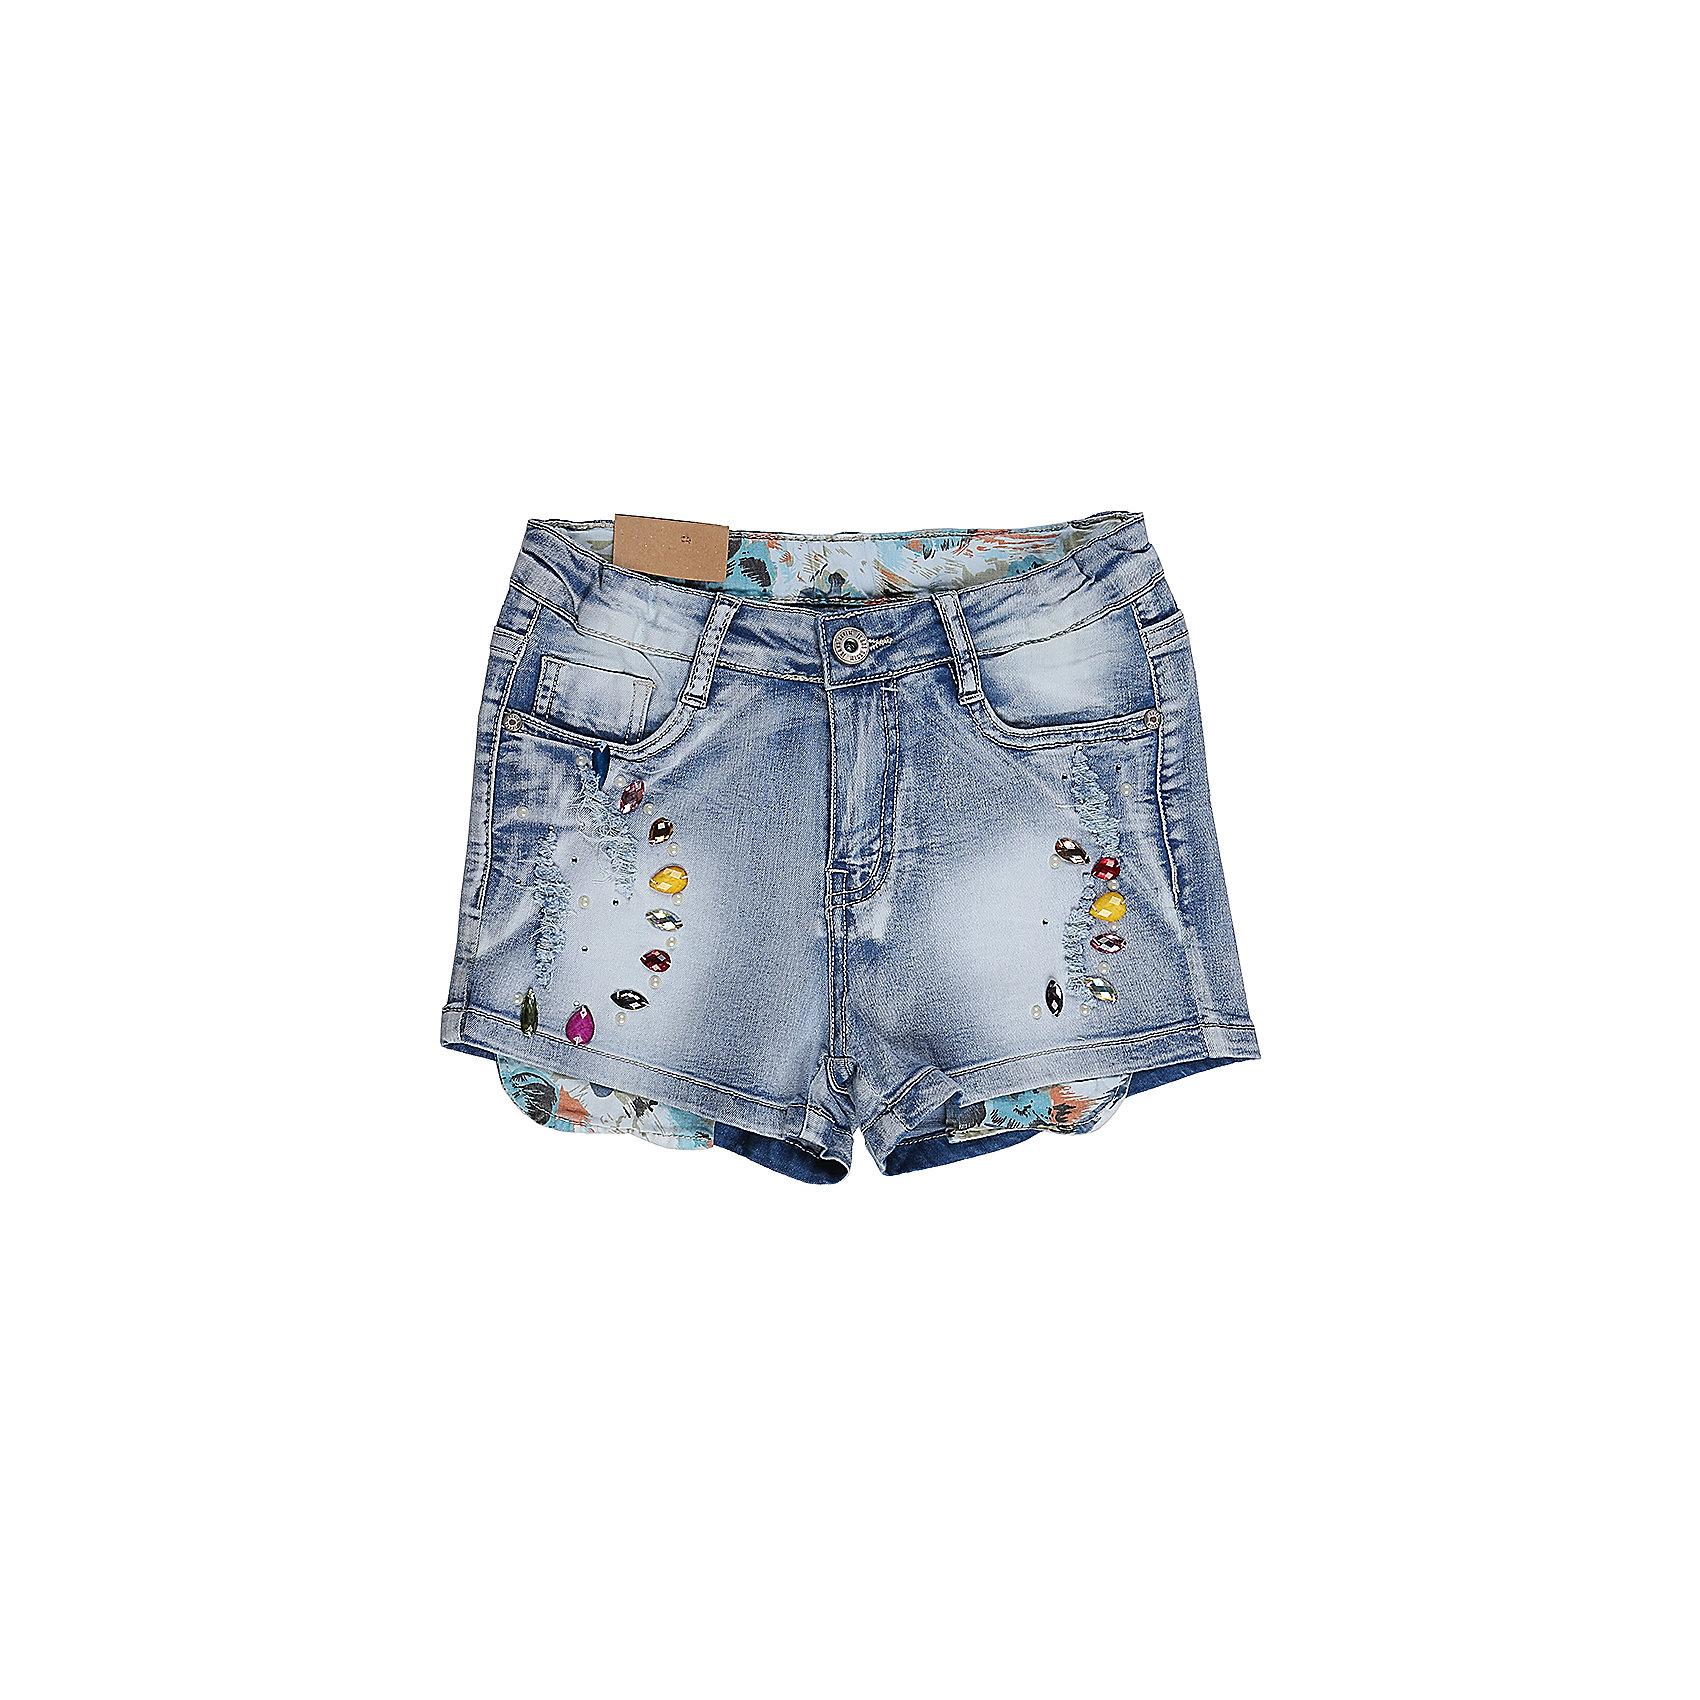 Шорты джинсовые для девочки LuminosoДжинсовая одежда<br>Джинсовые шорты для девочки Декорированые крупными стразами. Застегиваются на молнию и пуговицу.  В боковой части пояса находятся вшитые эластичные ленты, регулирующие посадку по талии.<br>Состав:<br>98%хлопок 2%эластан<br><br>Ширина мм: 191<br>Глубина мм: 10<br>Высота мм: 175<br>Вес г: 273<br>Цвет: голубой<br>Возраст от месяцев: 96<br>Возраст до месяцев: 108<br>Пол: Женский<br>Возраст: Детский<br>Размер: 134,140,146,152,158,164<br>SKU: 5413739